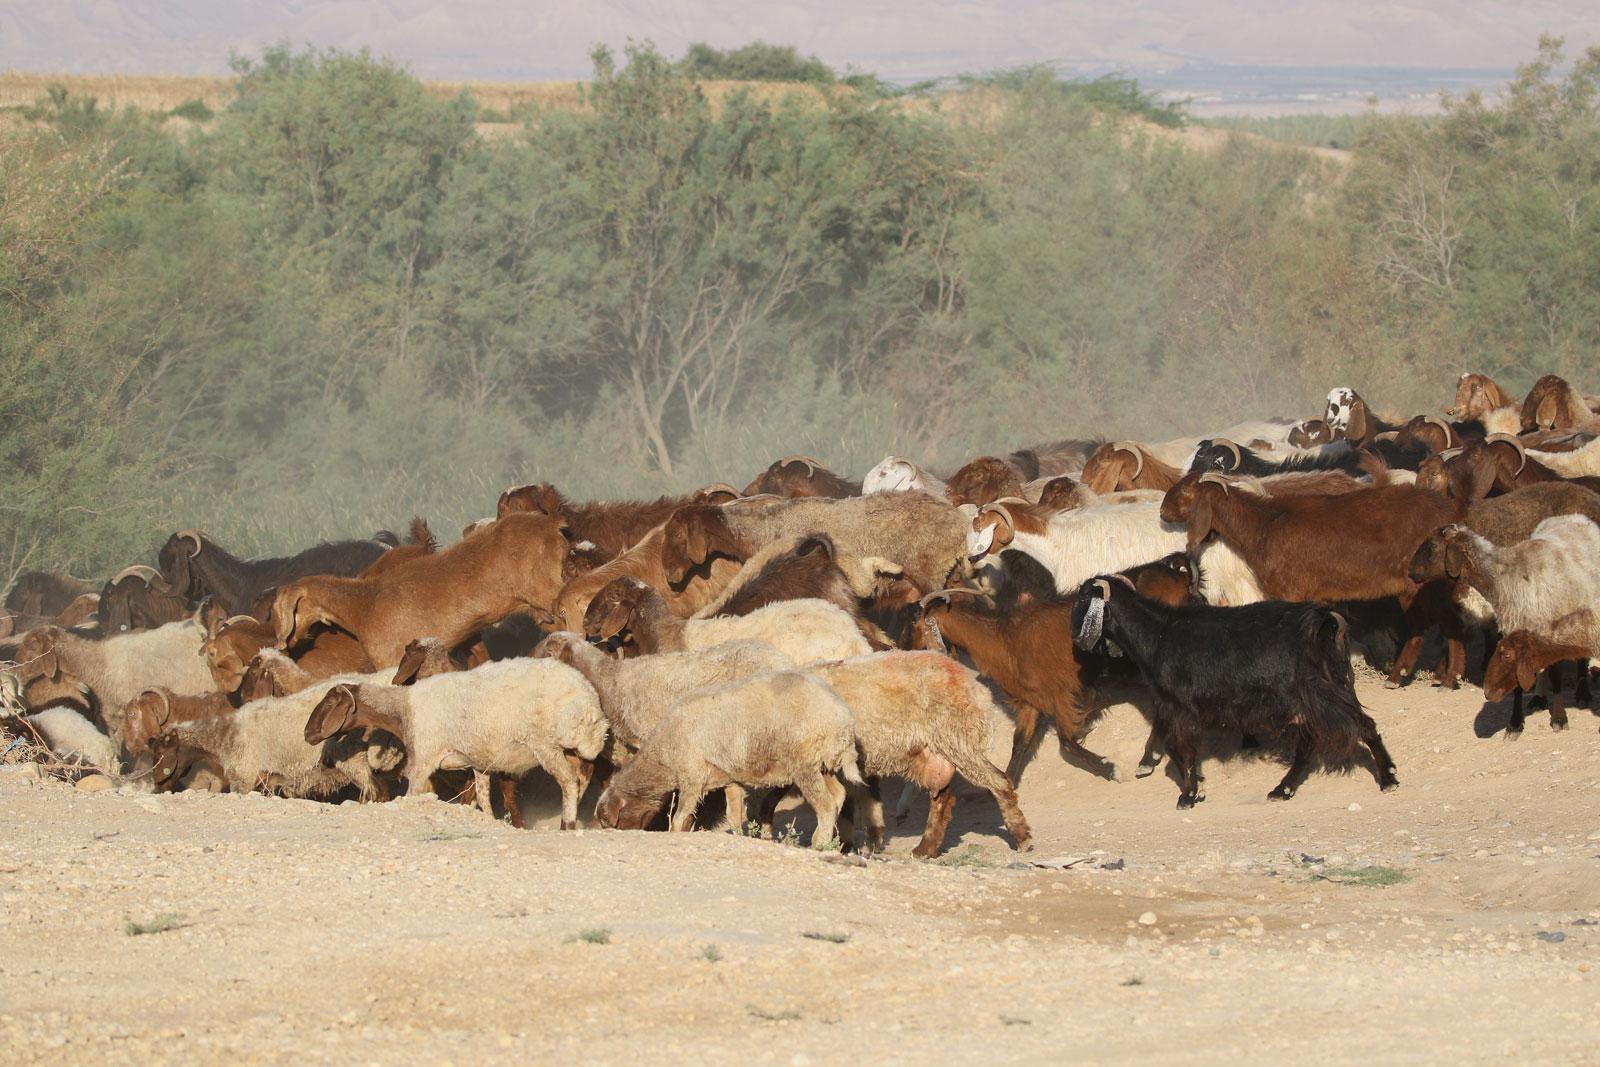 Herds, wild grazing